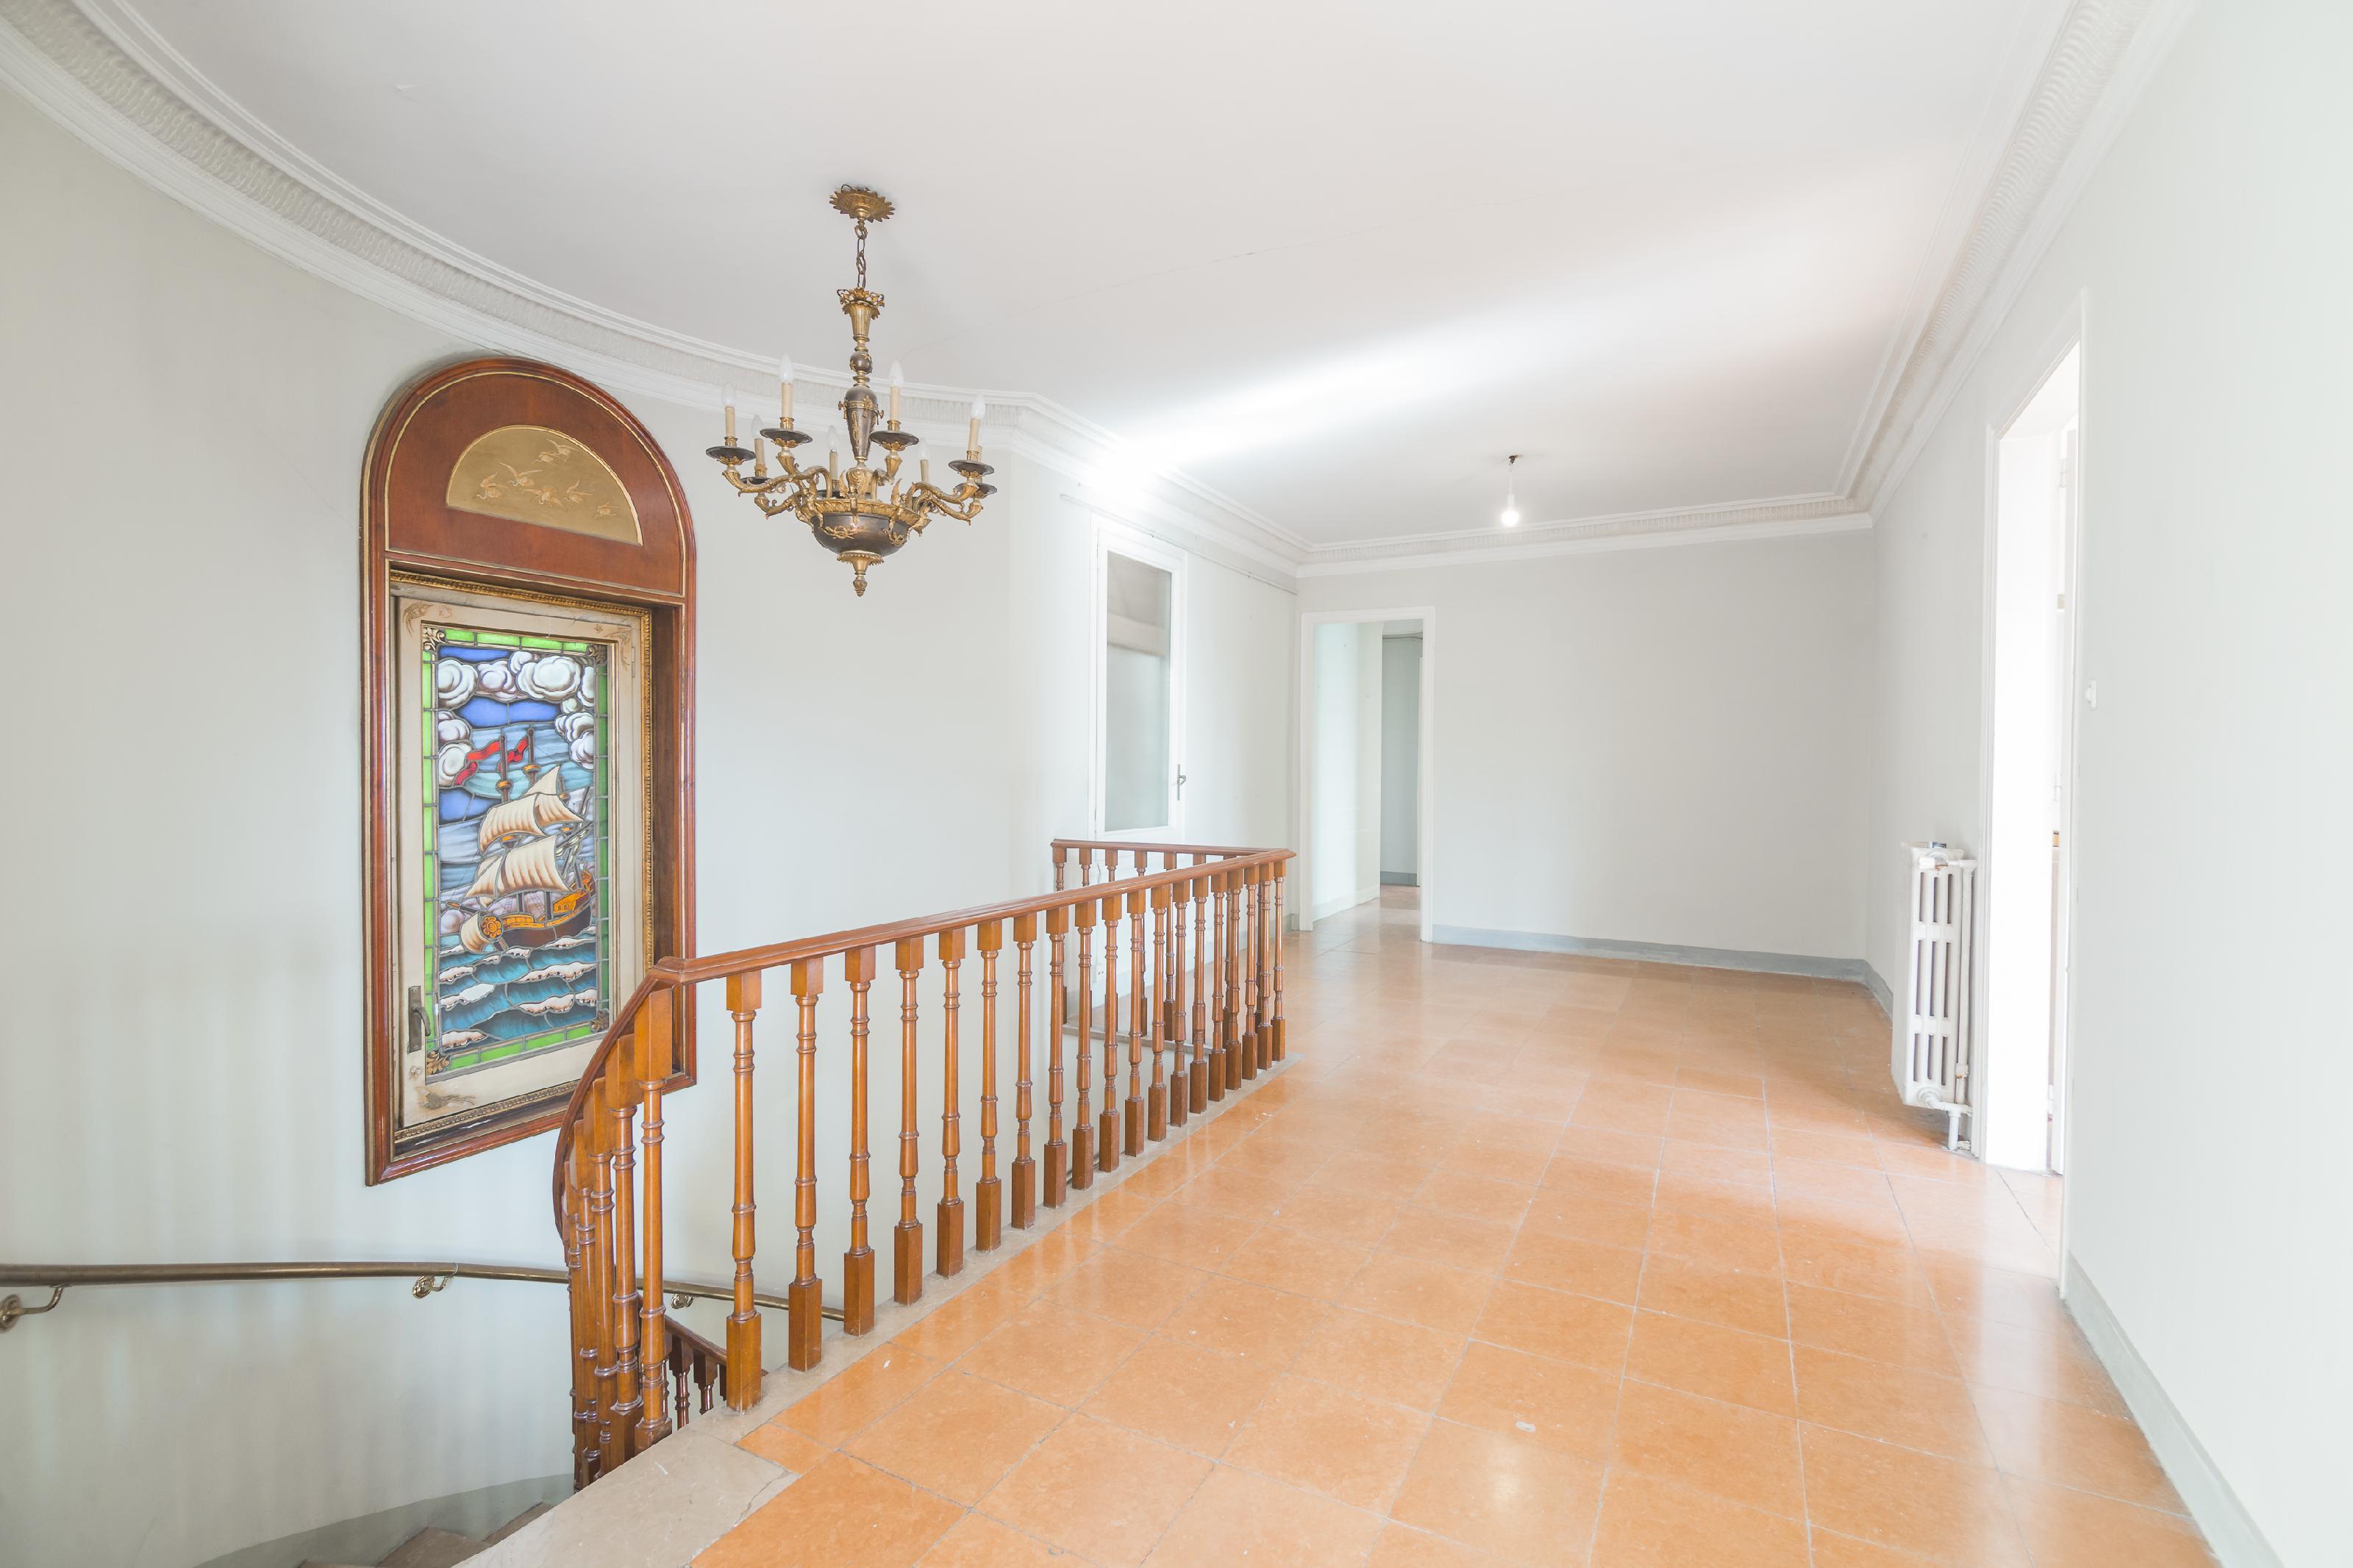 246643 Ático en venda en Sarrià-Sant Gervasi, St. Gervasi-Bonanova 8